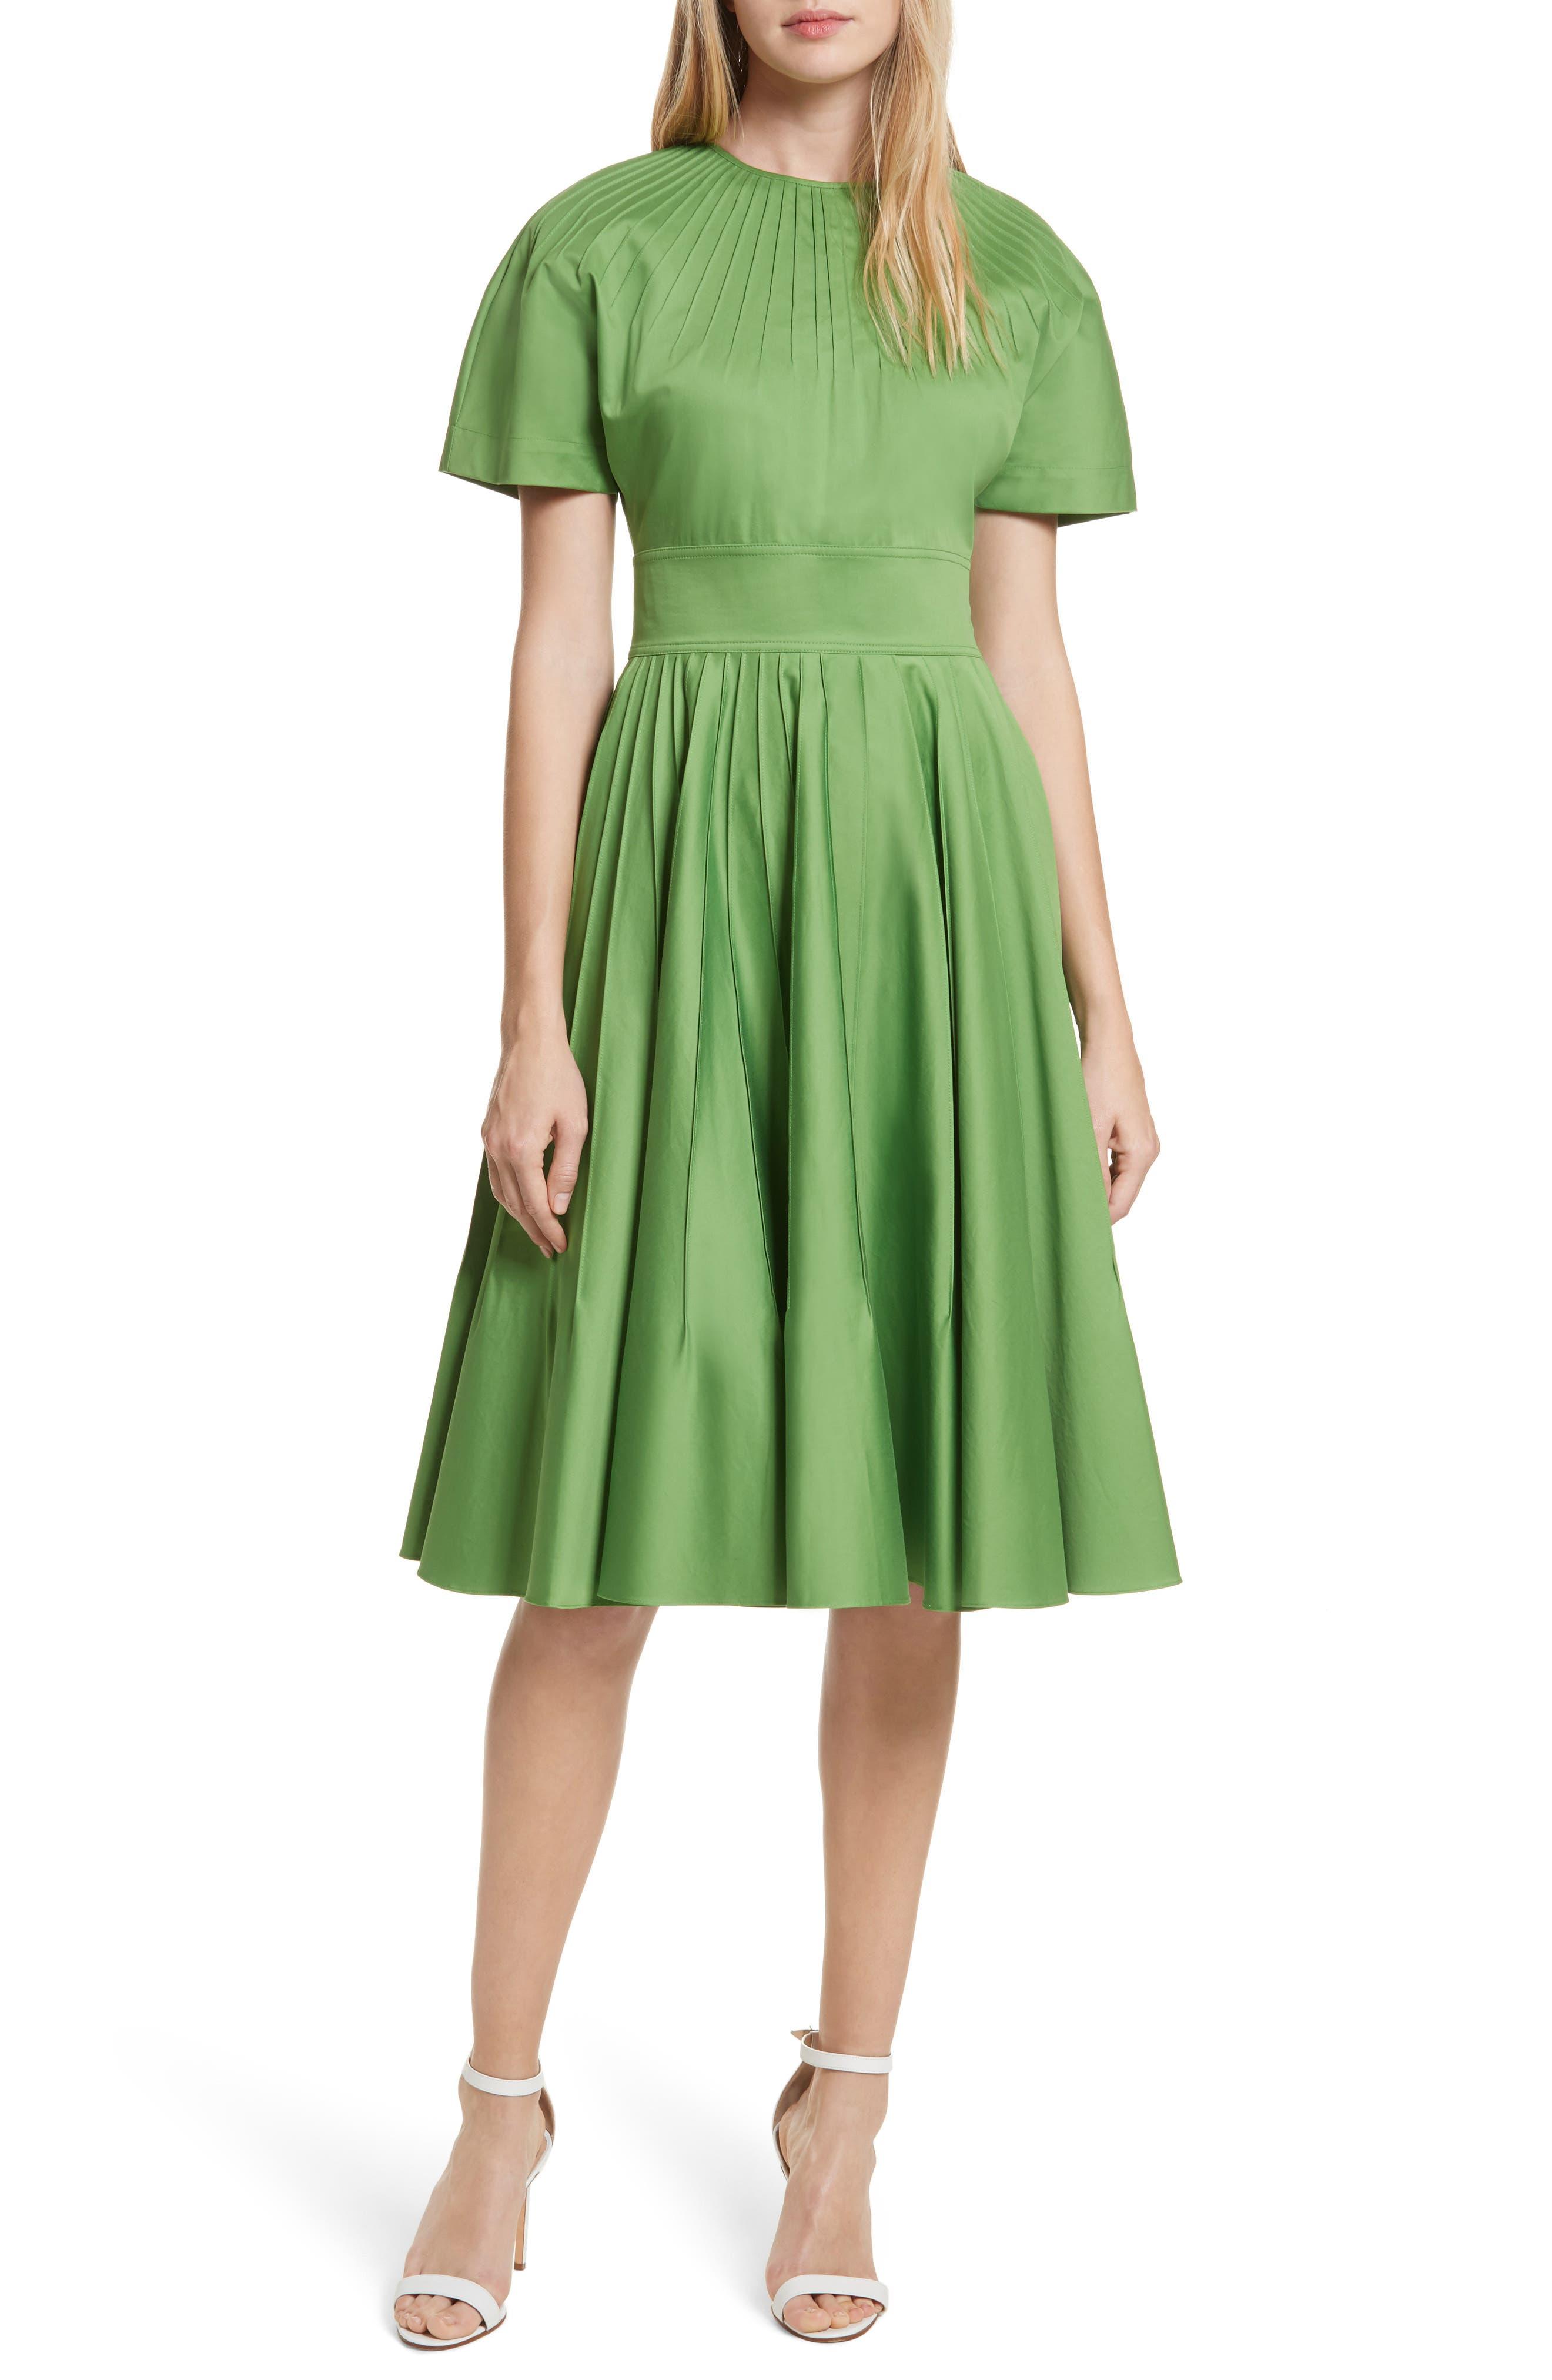 Diane von Furstenberg Pintuck Dress